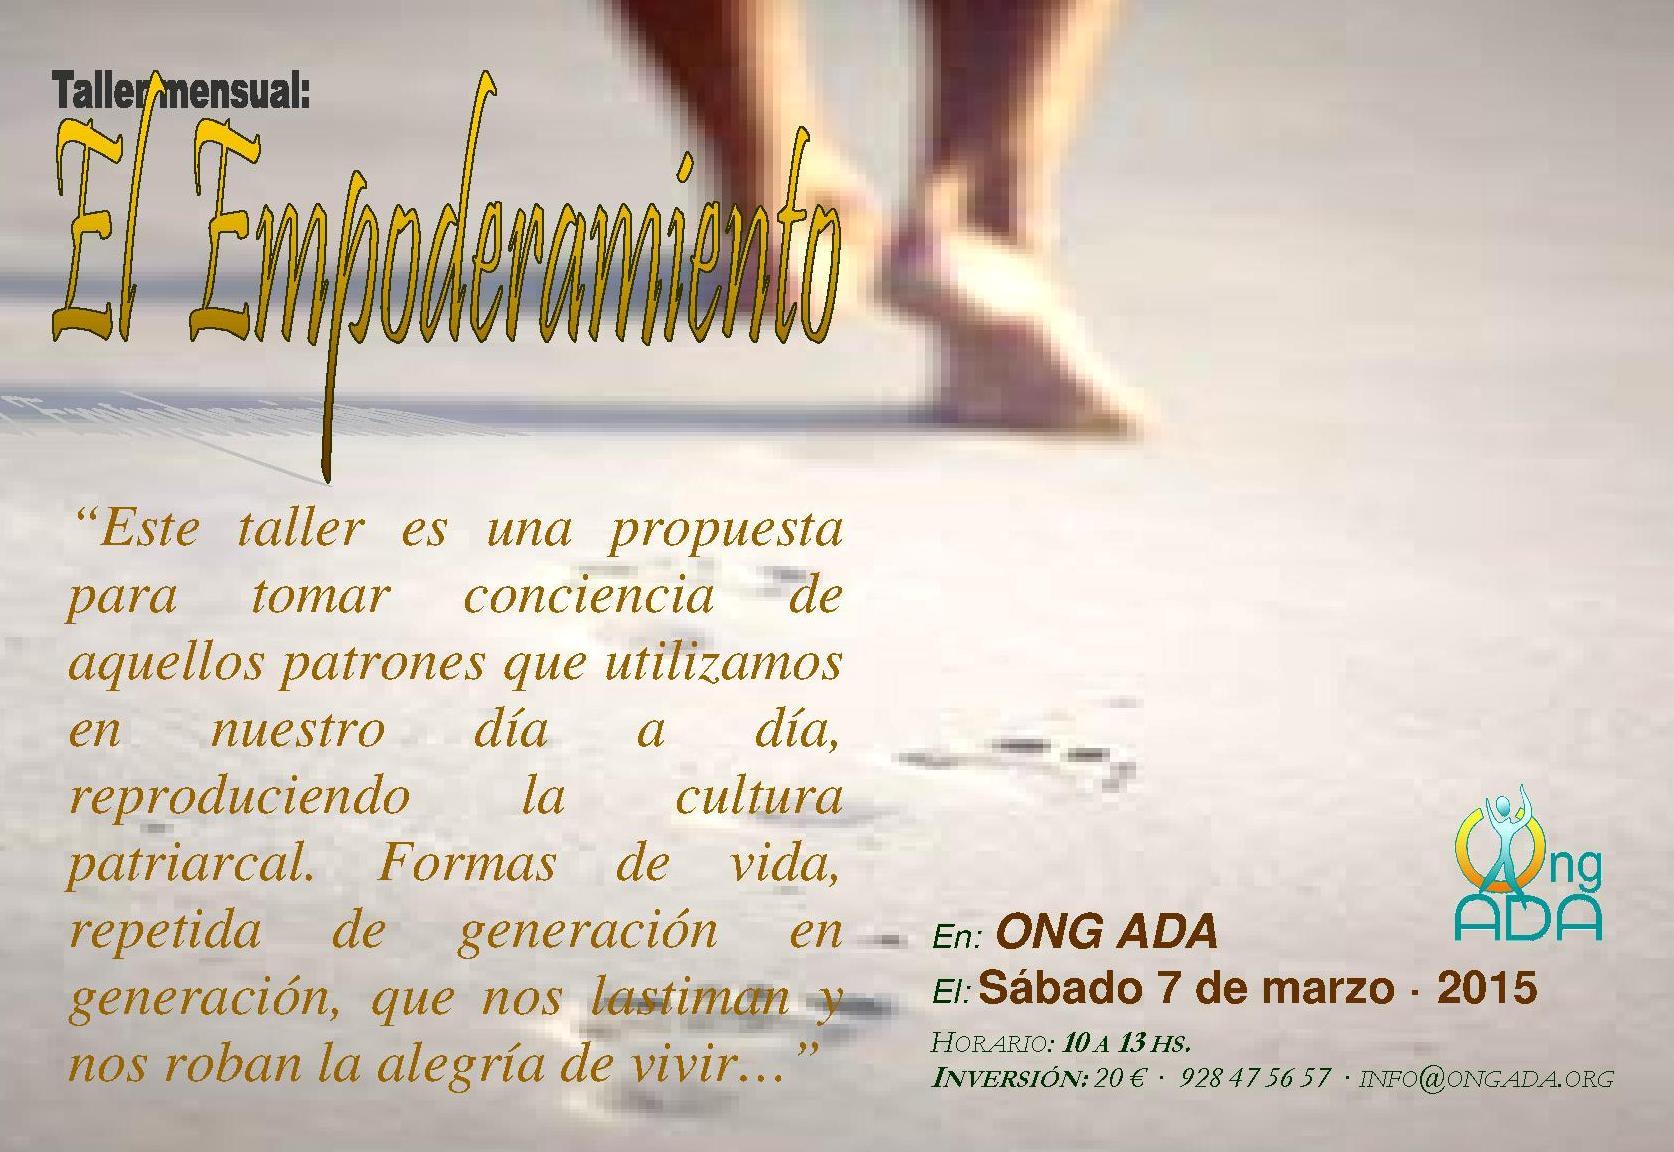 Taller Mensual 2015. El Empoderamiento _Sede_ RED.jpg